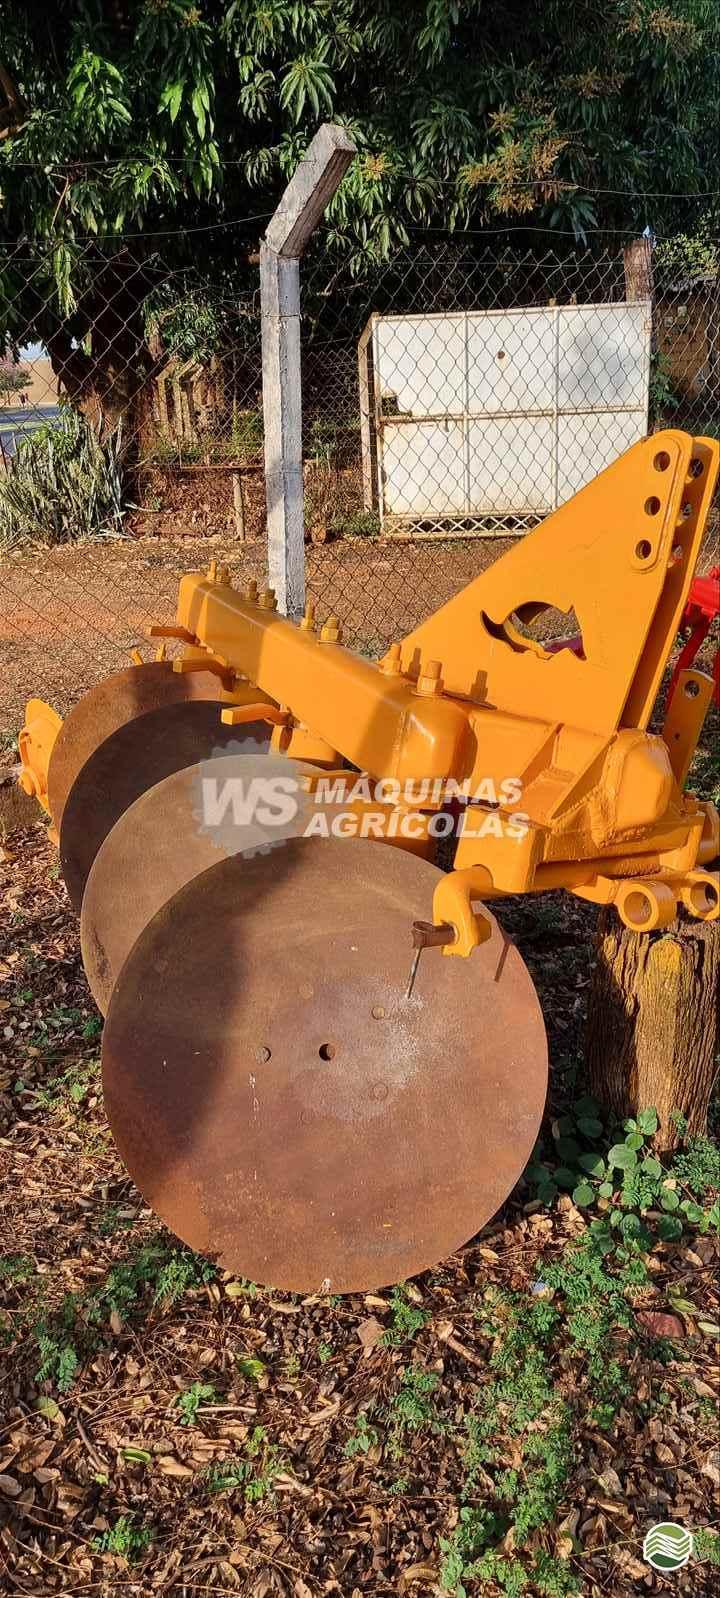 IMPLEMENTOS AGRICOLAS ARADO DE DISCO 4 DISCOS FIXO WS Máquinas Agrícolas SERTAOZINHO SÃO PAULO SP